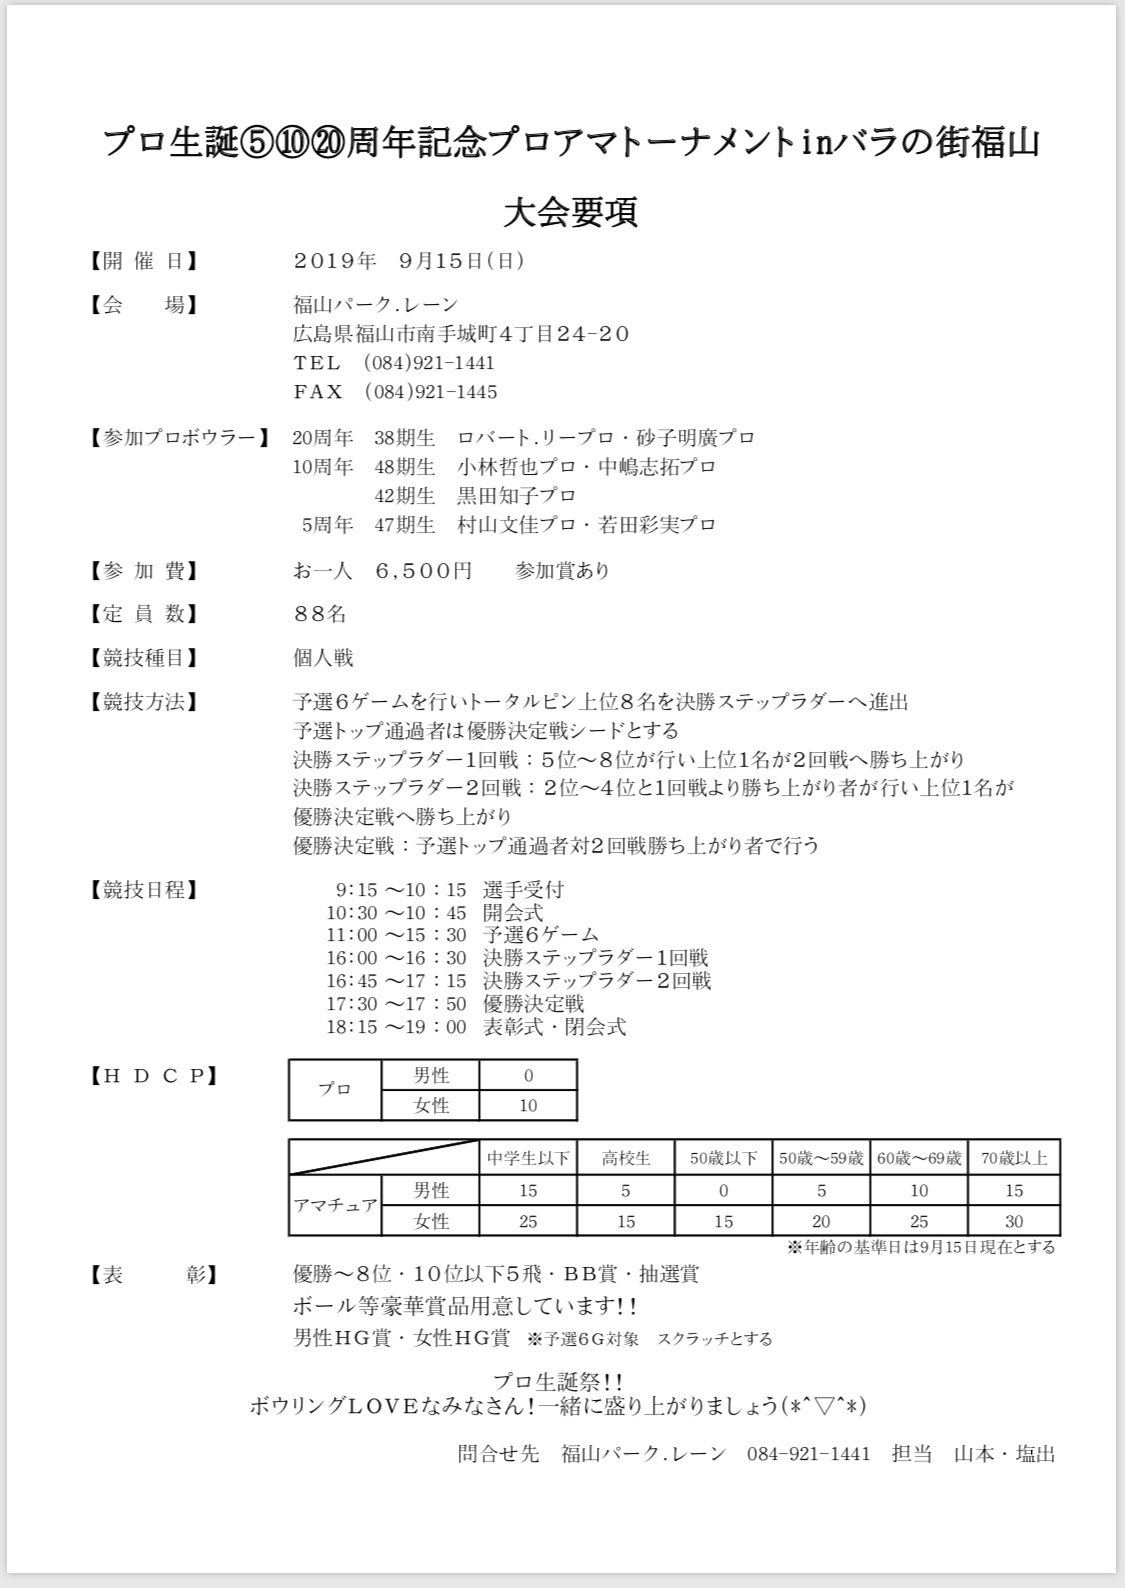 4B58A2F6-7520-4480-9E2F-1B547CDAAE8B.jpeg